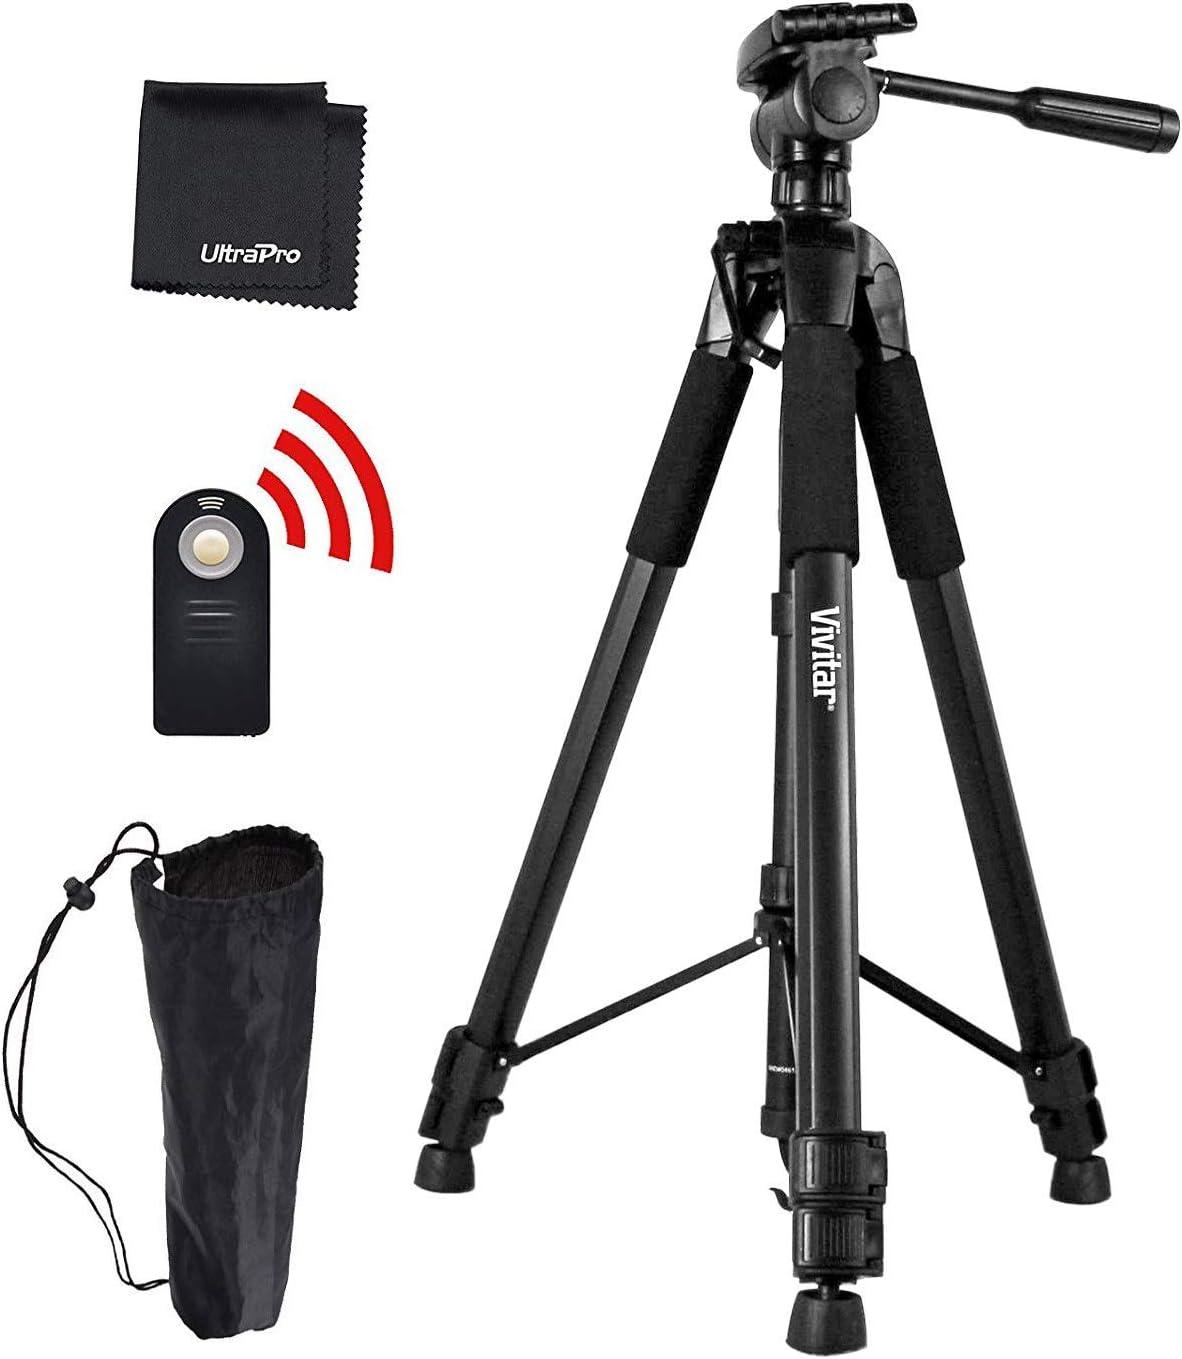 """UltraPro 72"""" Inch Black Heavy Duty Aluminum Camera Tripod + Wireless Remote Bundle for Canon Digital Cameras, Includes UltraPro Bonus Microfiber Cleaning Cloth"""